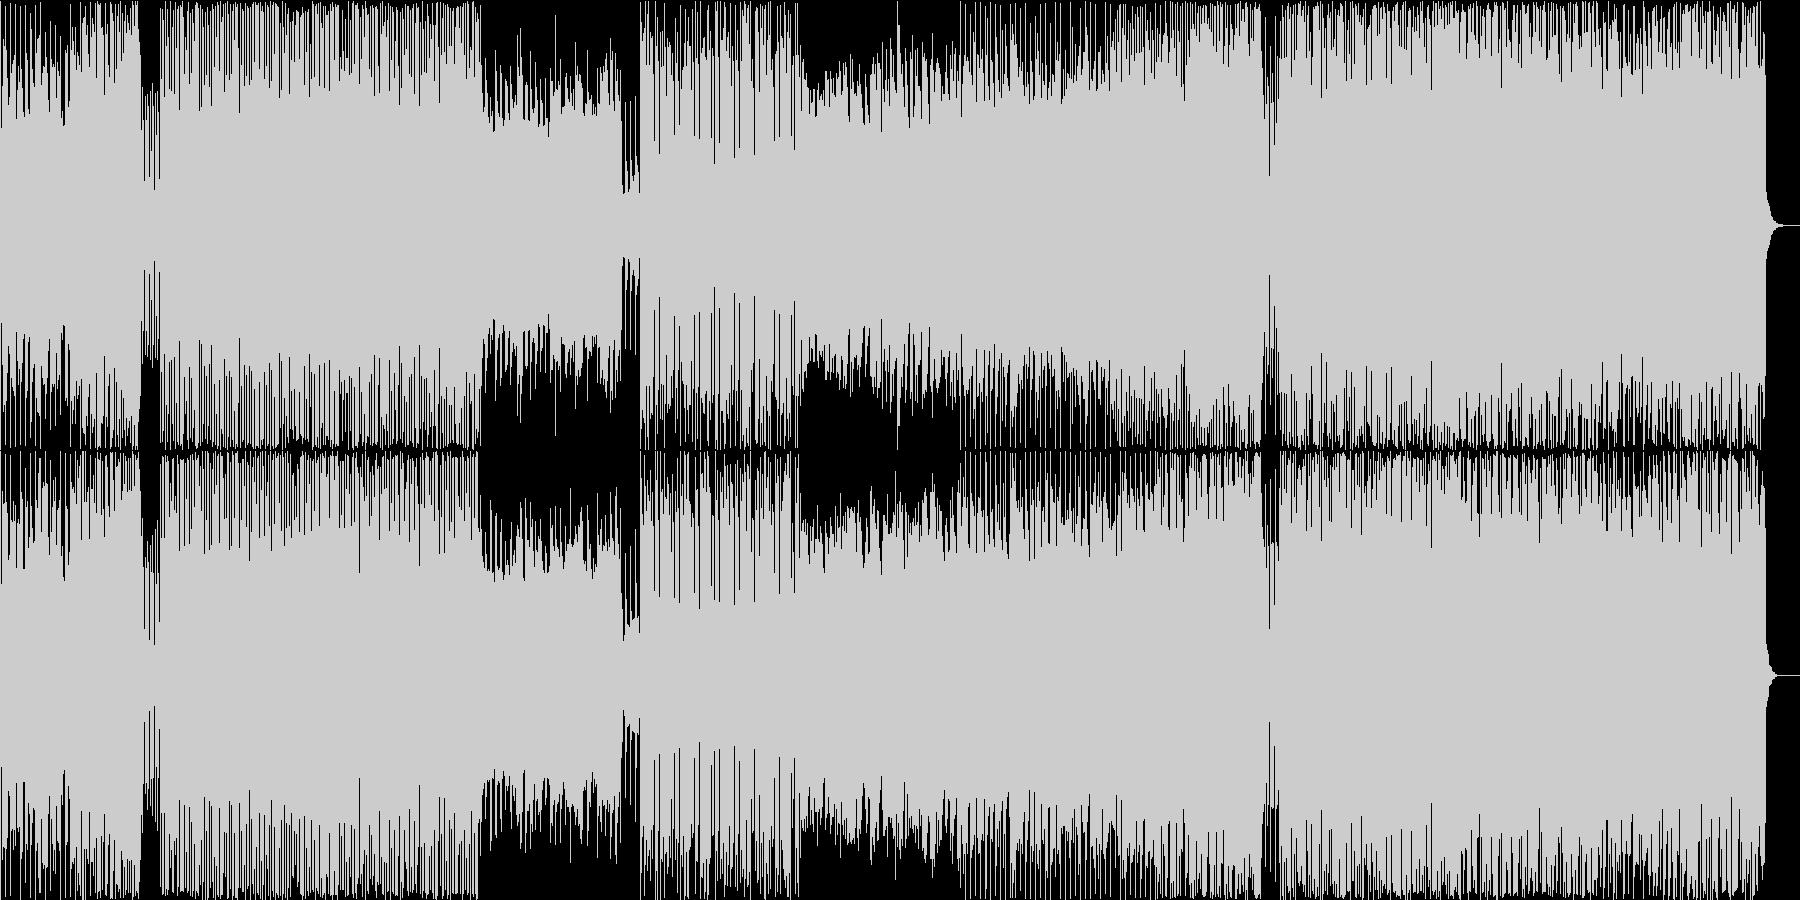 マシュメロ風FutureBass/EDMの未再生の波形